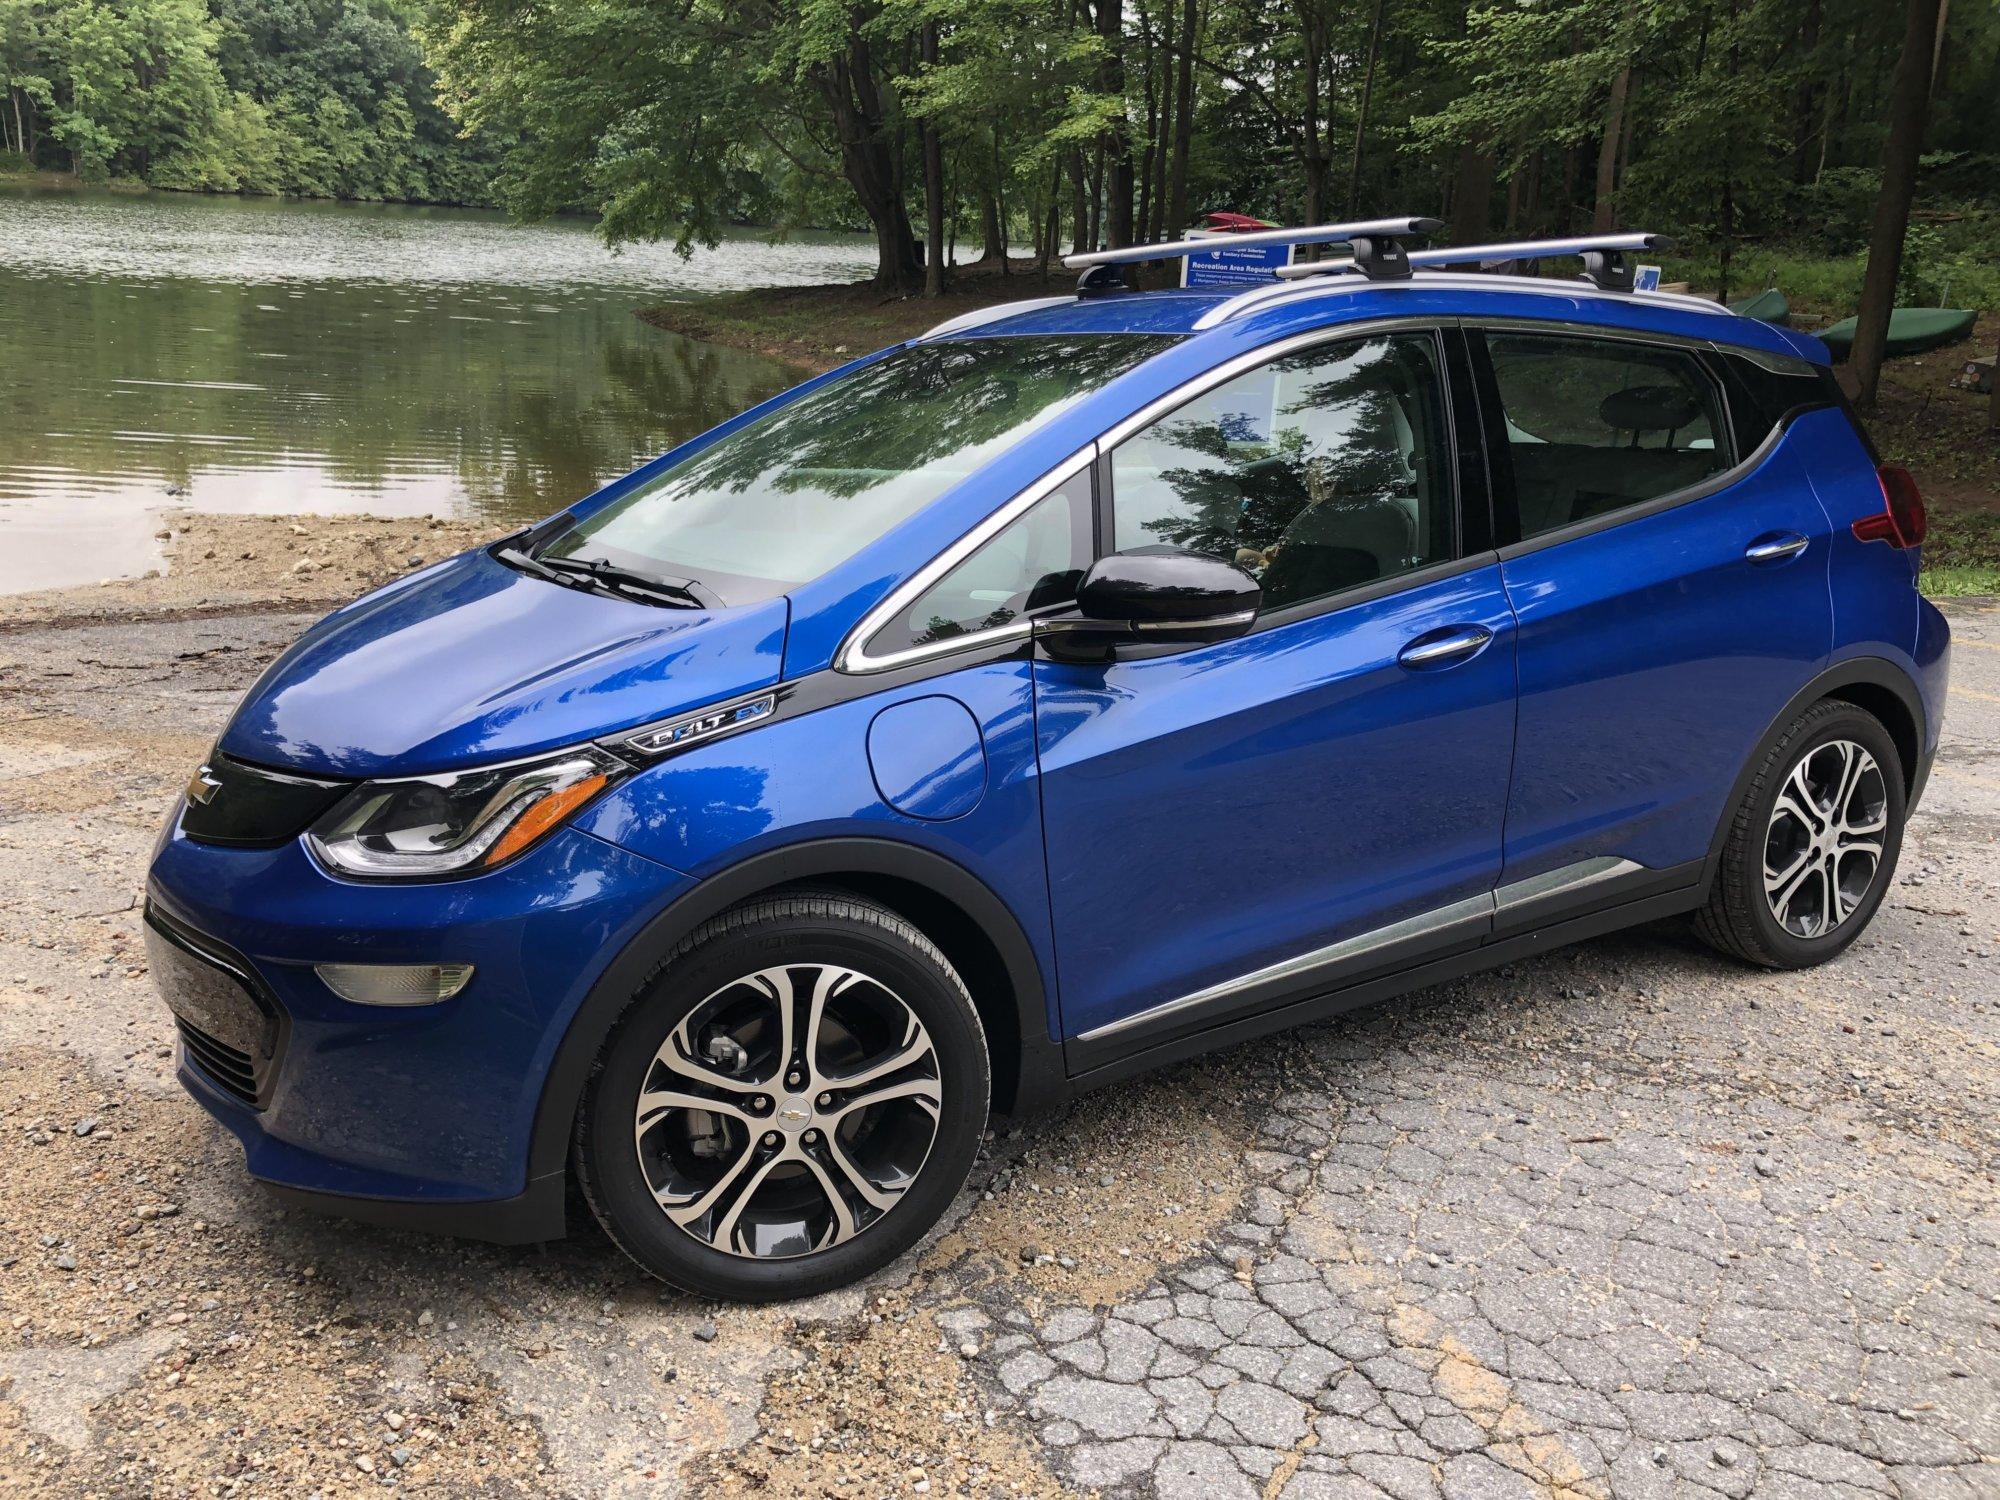 Car Review Chevrolet Bolt Ev Quells Concerns About Electric Cars Driving Range